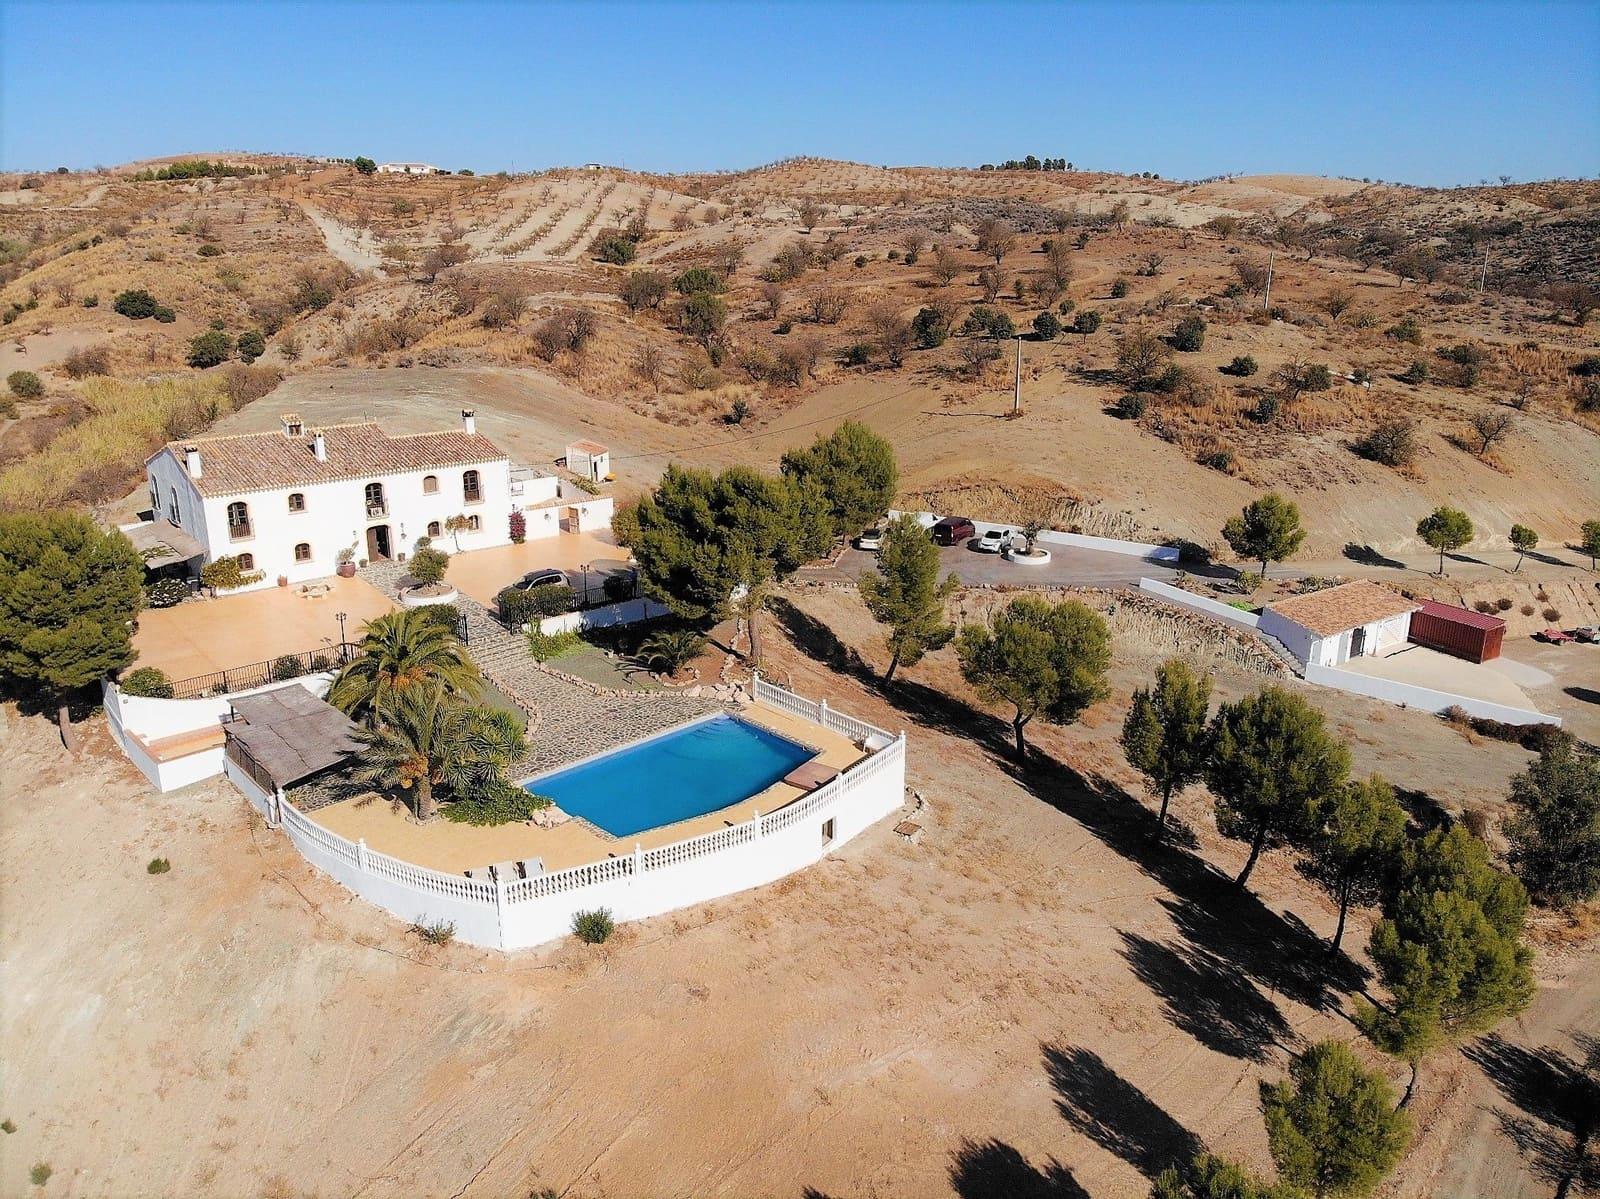 7 makuuhuone Majatalo/aamiaismajoitus myytävänä paikassa Lorca mukana uima-altaan - 895 000 € (Ref: 5906351)